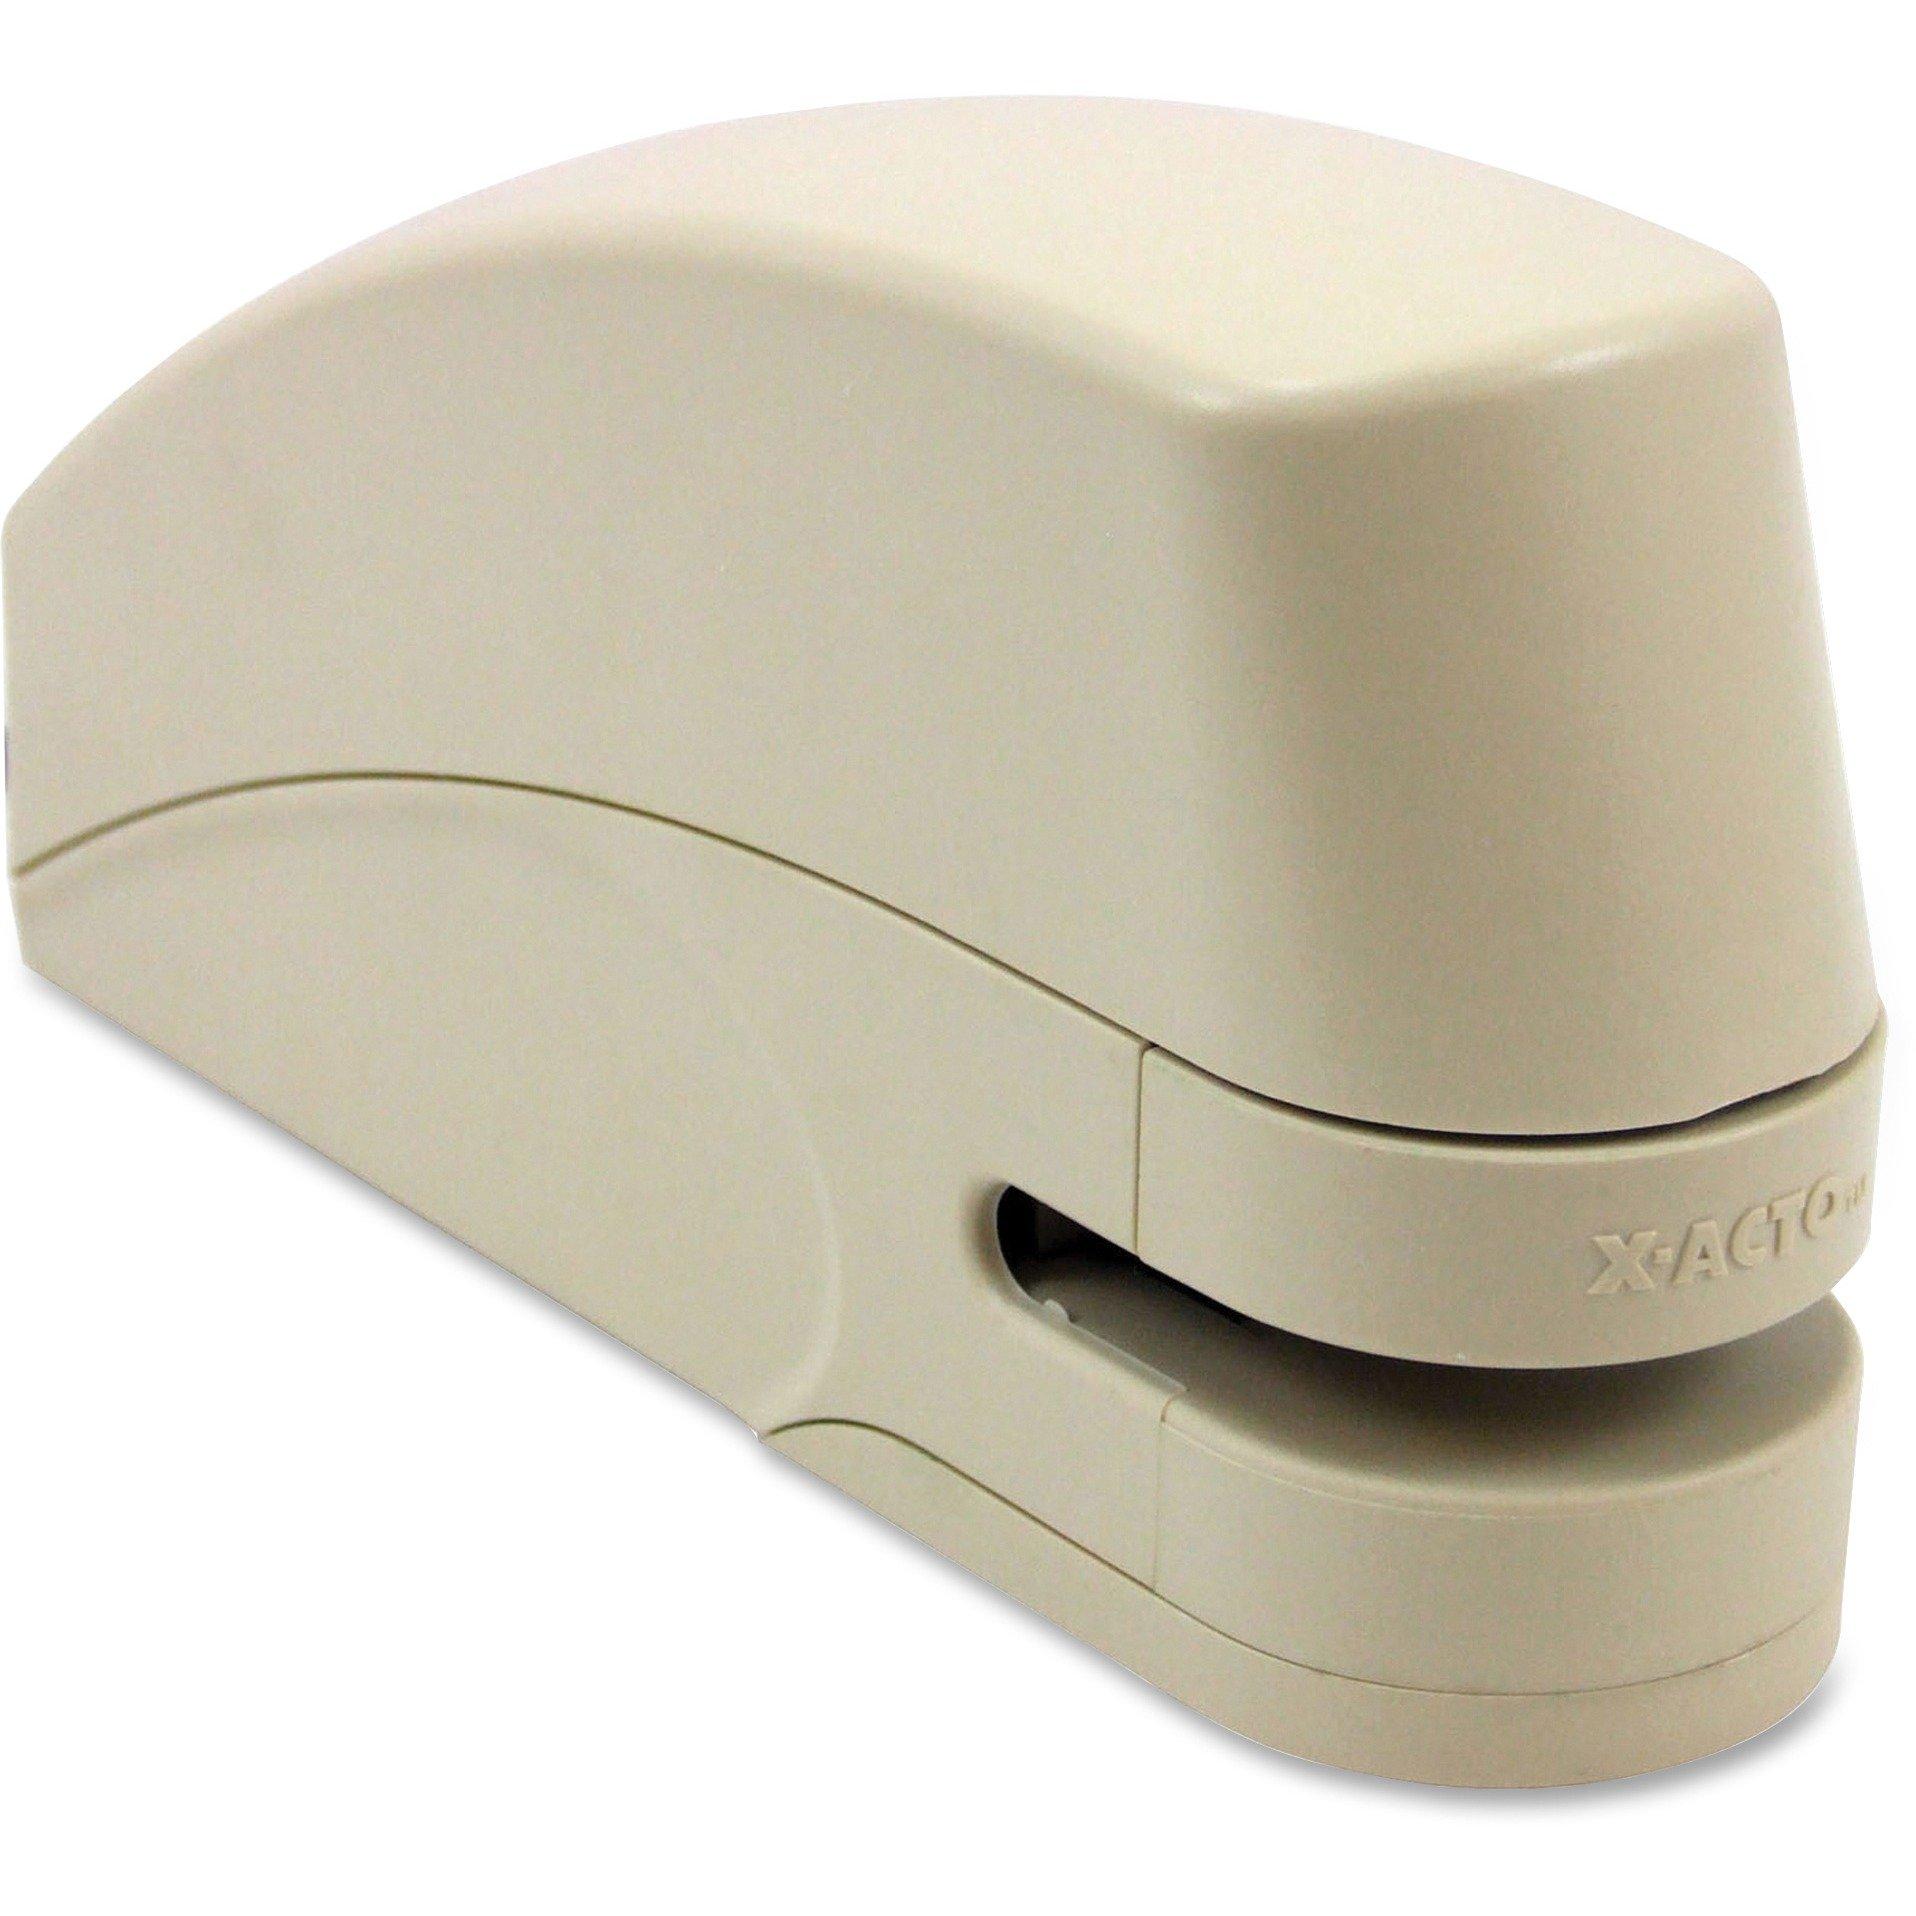 EPI73100 - X-Acto Personal Electronic Stapler